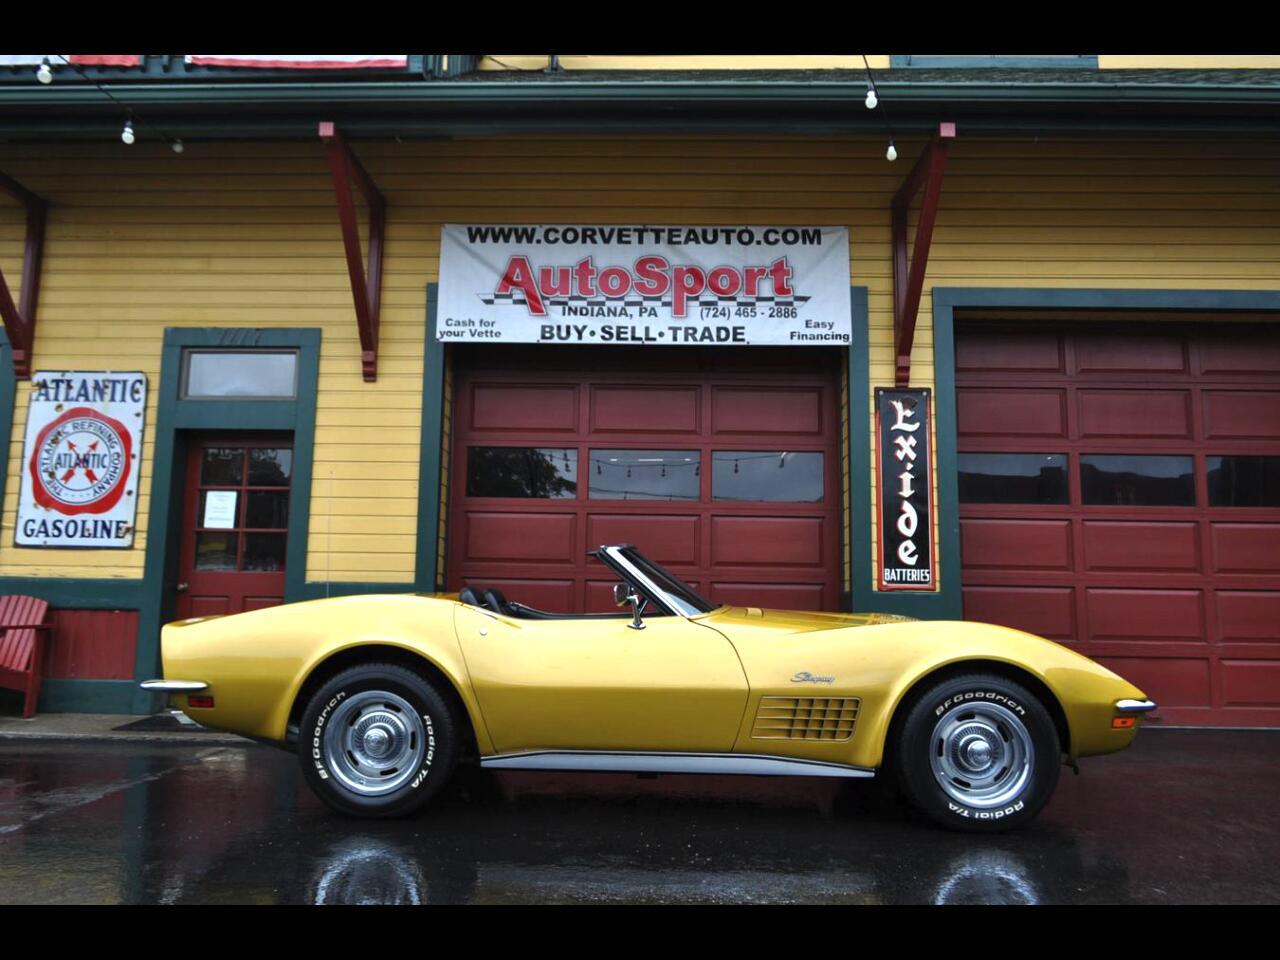 1971 Chevrolet Corvette 1971 #'s Match Fully Loaded w Rare Options Corvett